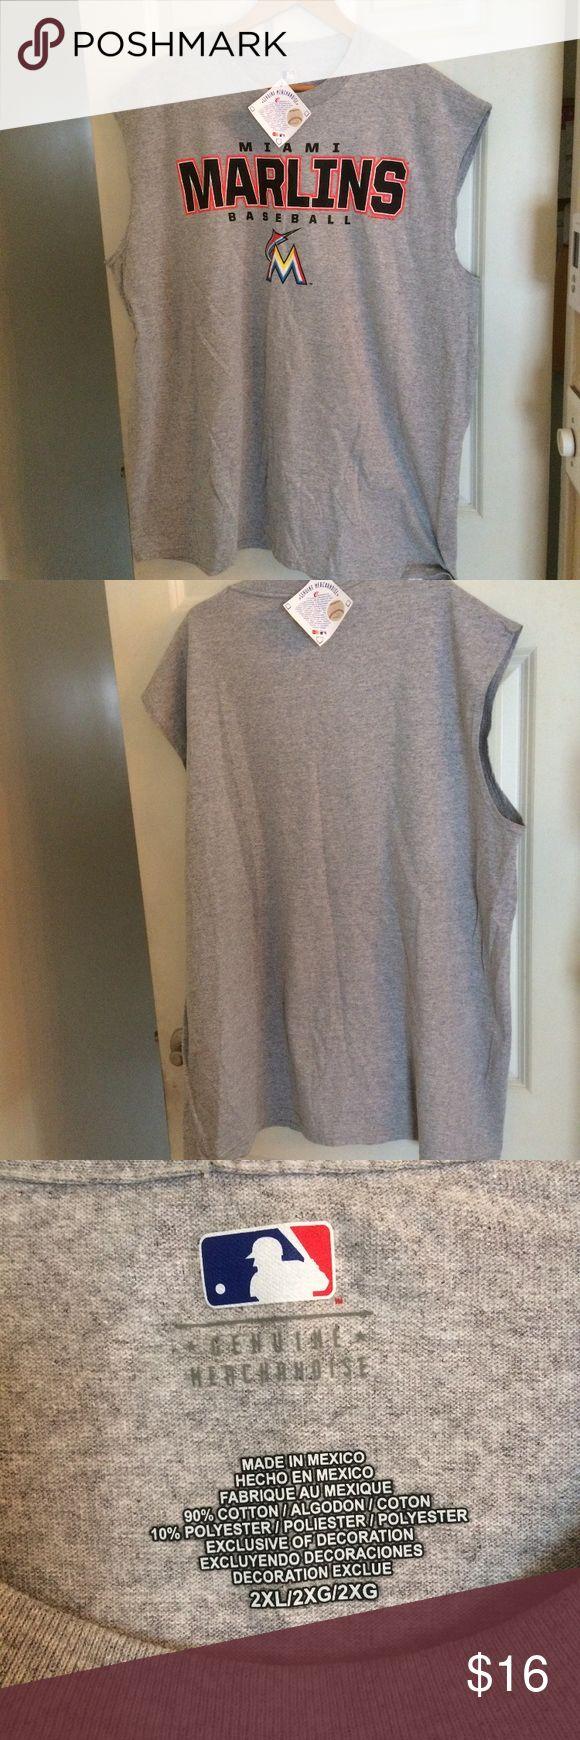 Miami marlins sleeveless baseball t shirt Miami marlins sleeveless baseball t shirt 2XL NWT 90%cotton 10%polyester Shirts Tank Tops